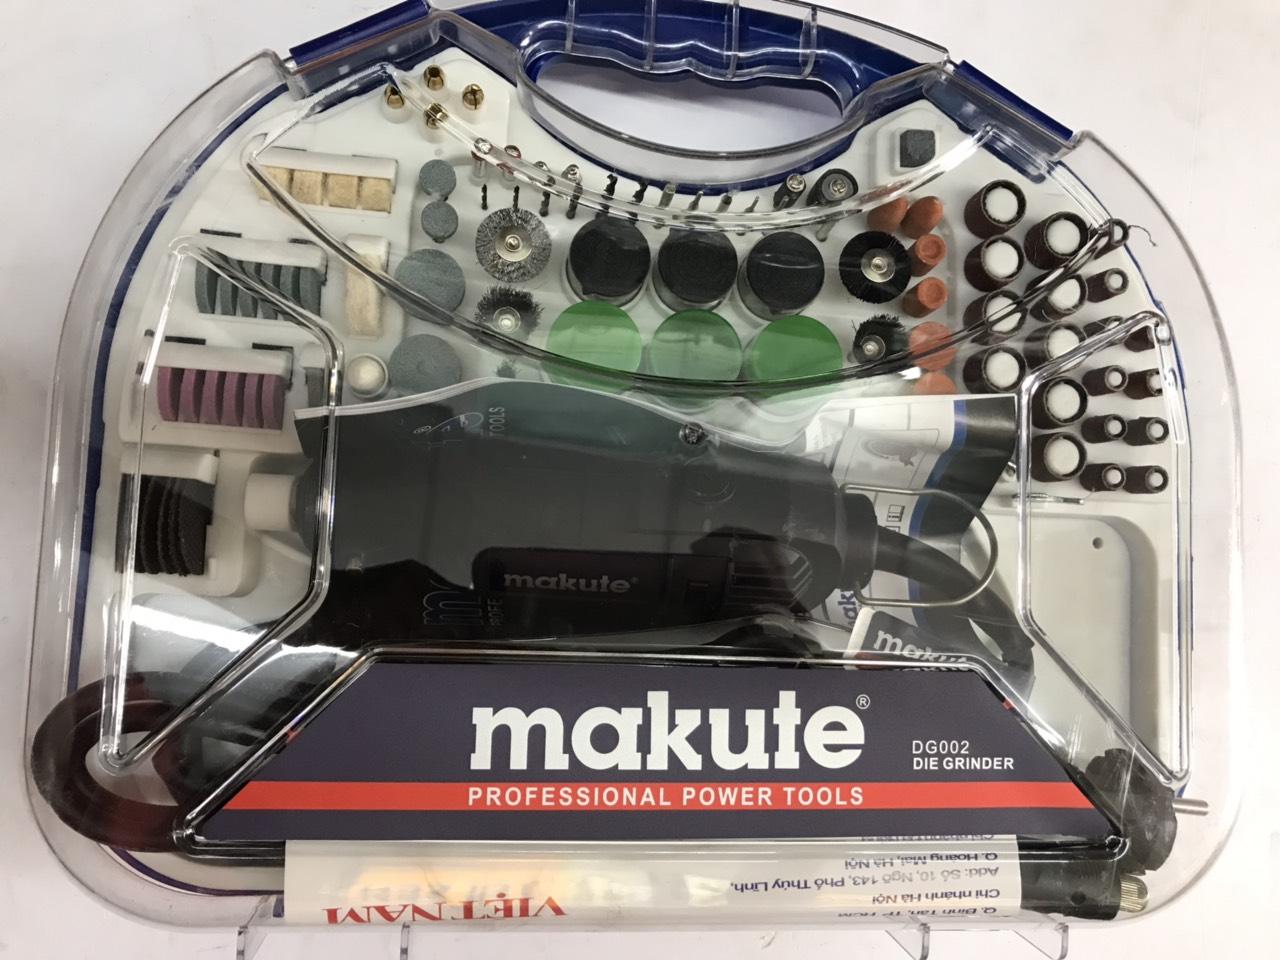 Bộ máy mài khuôn Makute Nhật Bản và 91 phụ kiện đi kèm DG002